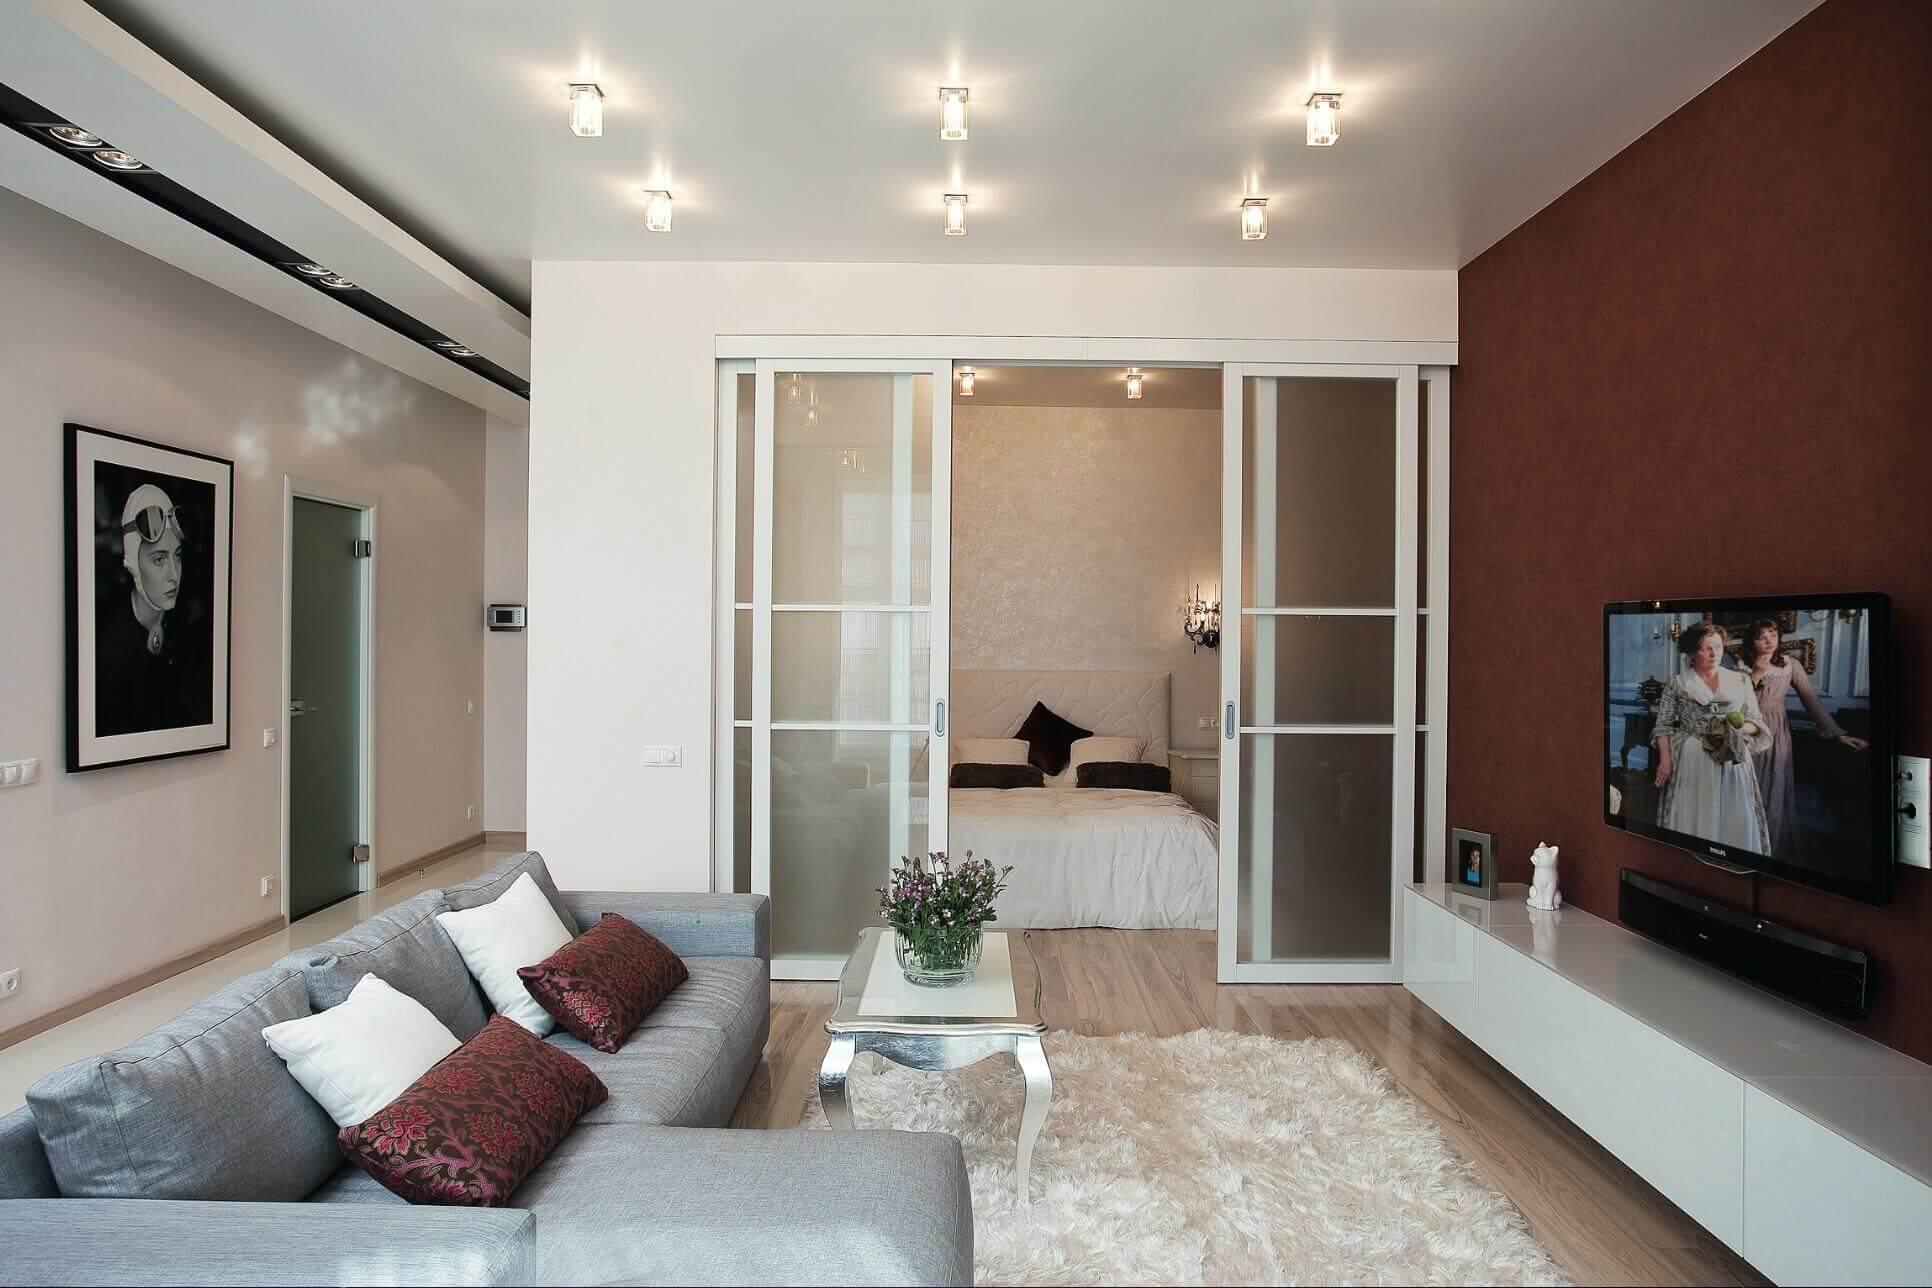 предлагаем использовать лучший цвет дверей для однокомнатной квартиры фото ним